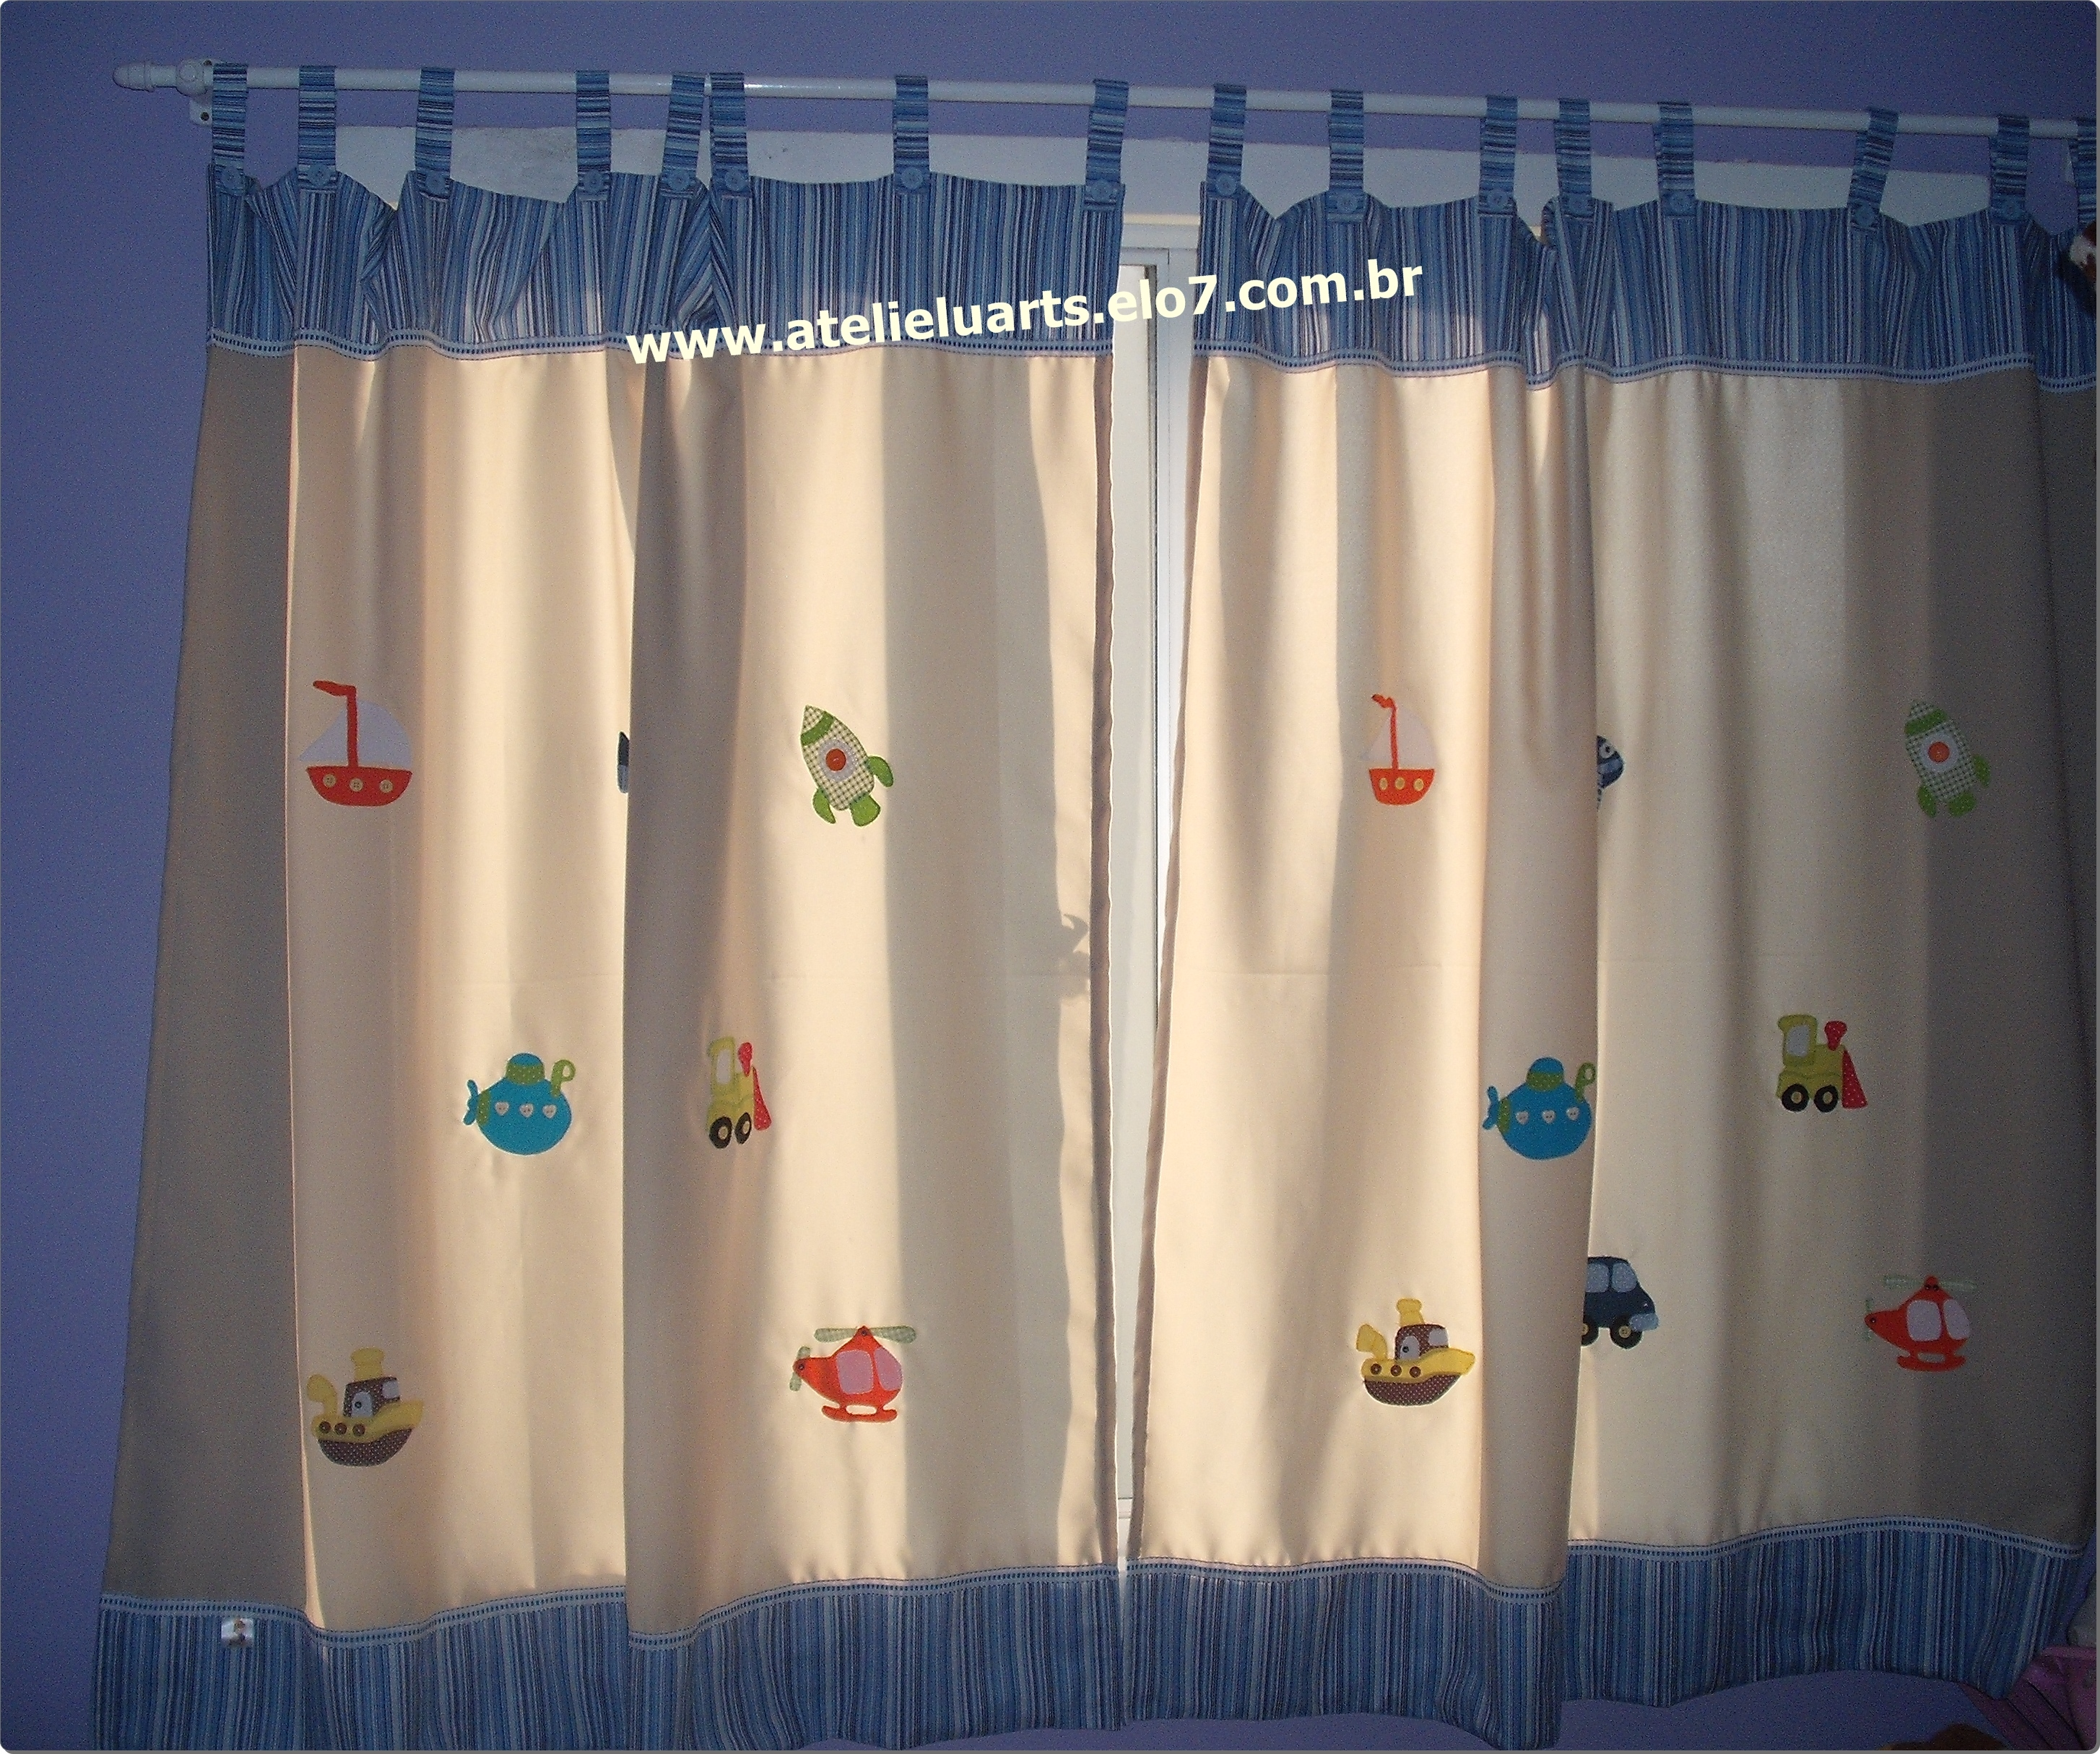 Cortina para quarto infantil ateli luarts elo7 - Modelos de cortinas infantiles ...